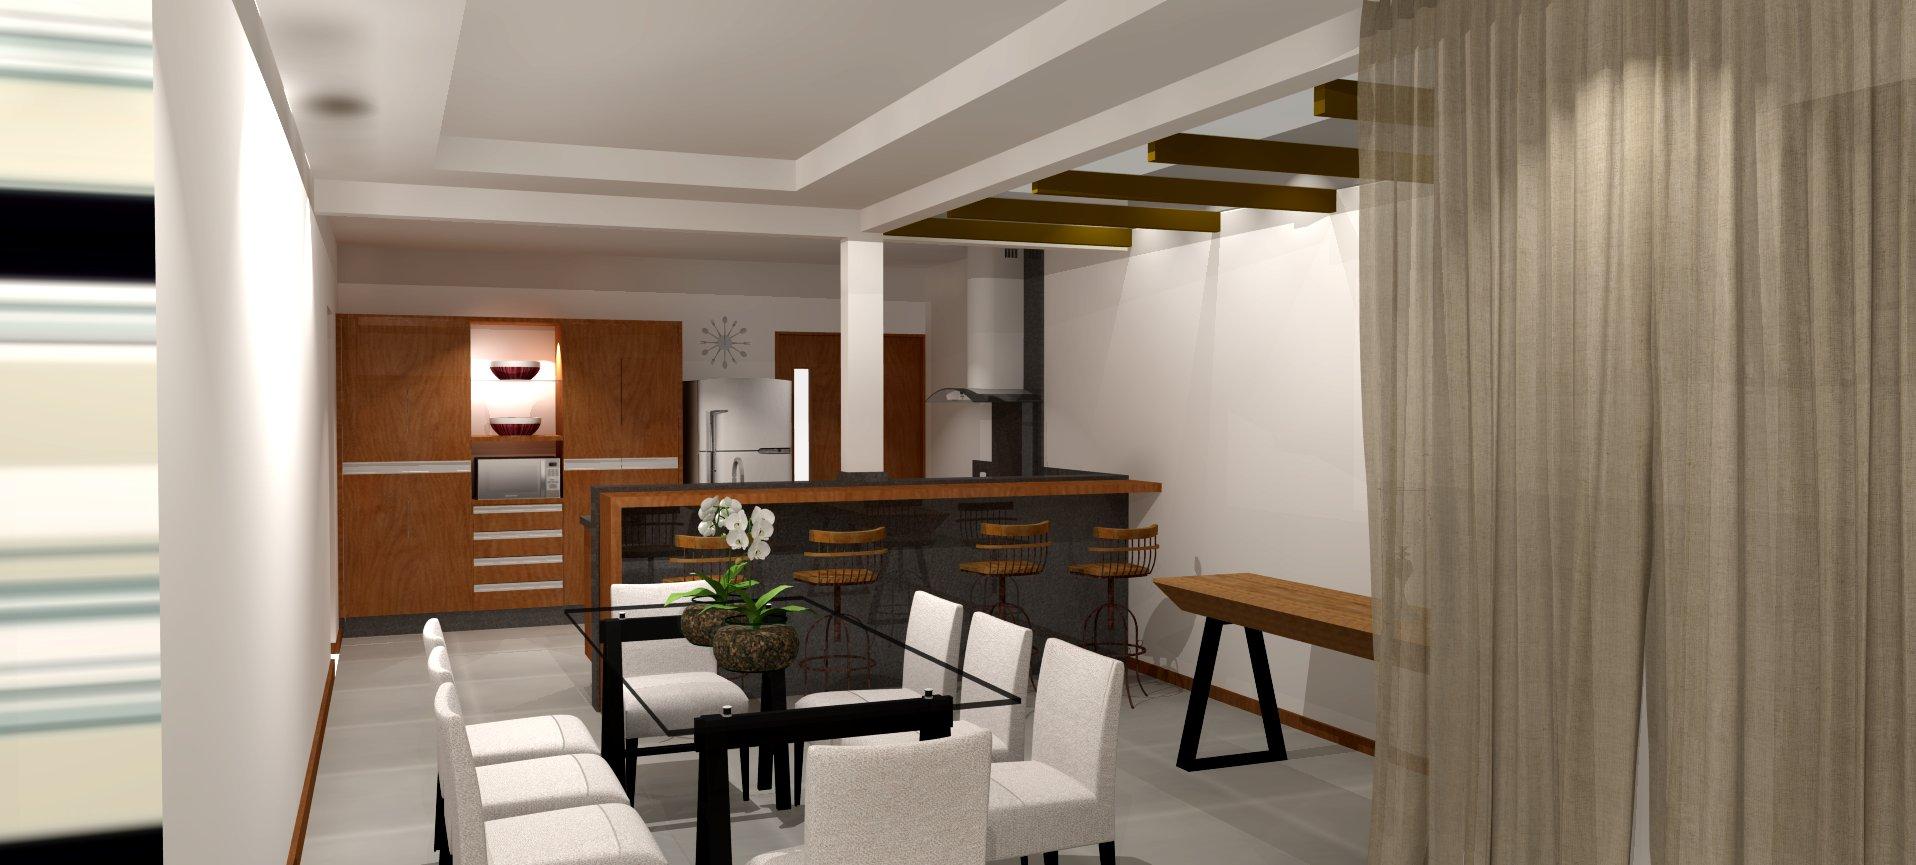 Cozinha Ana 0407